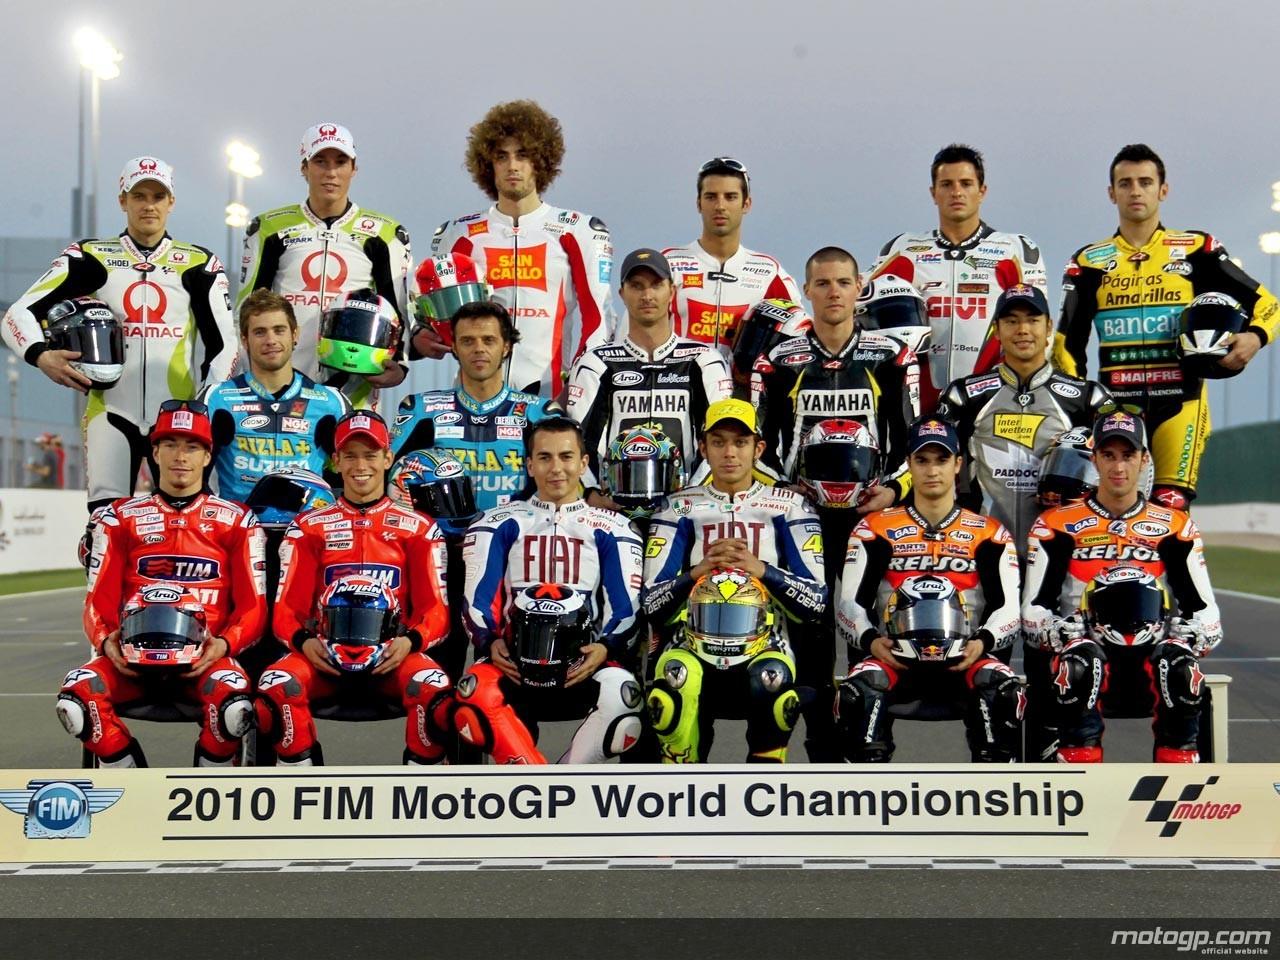 motogp teams Photo